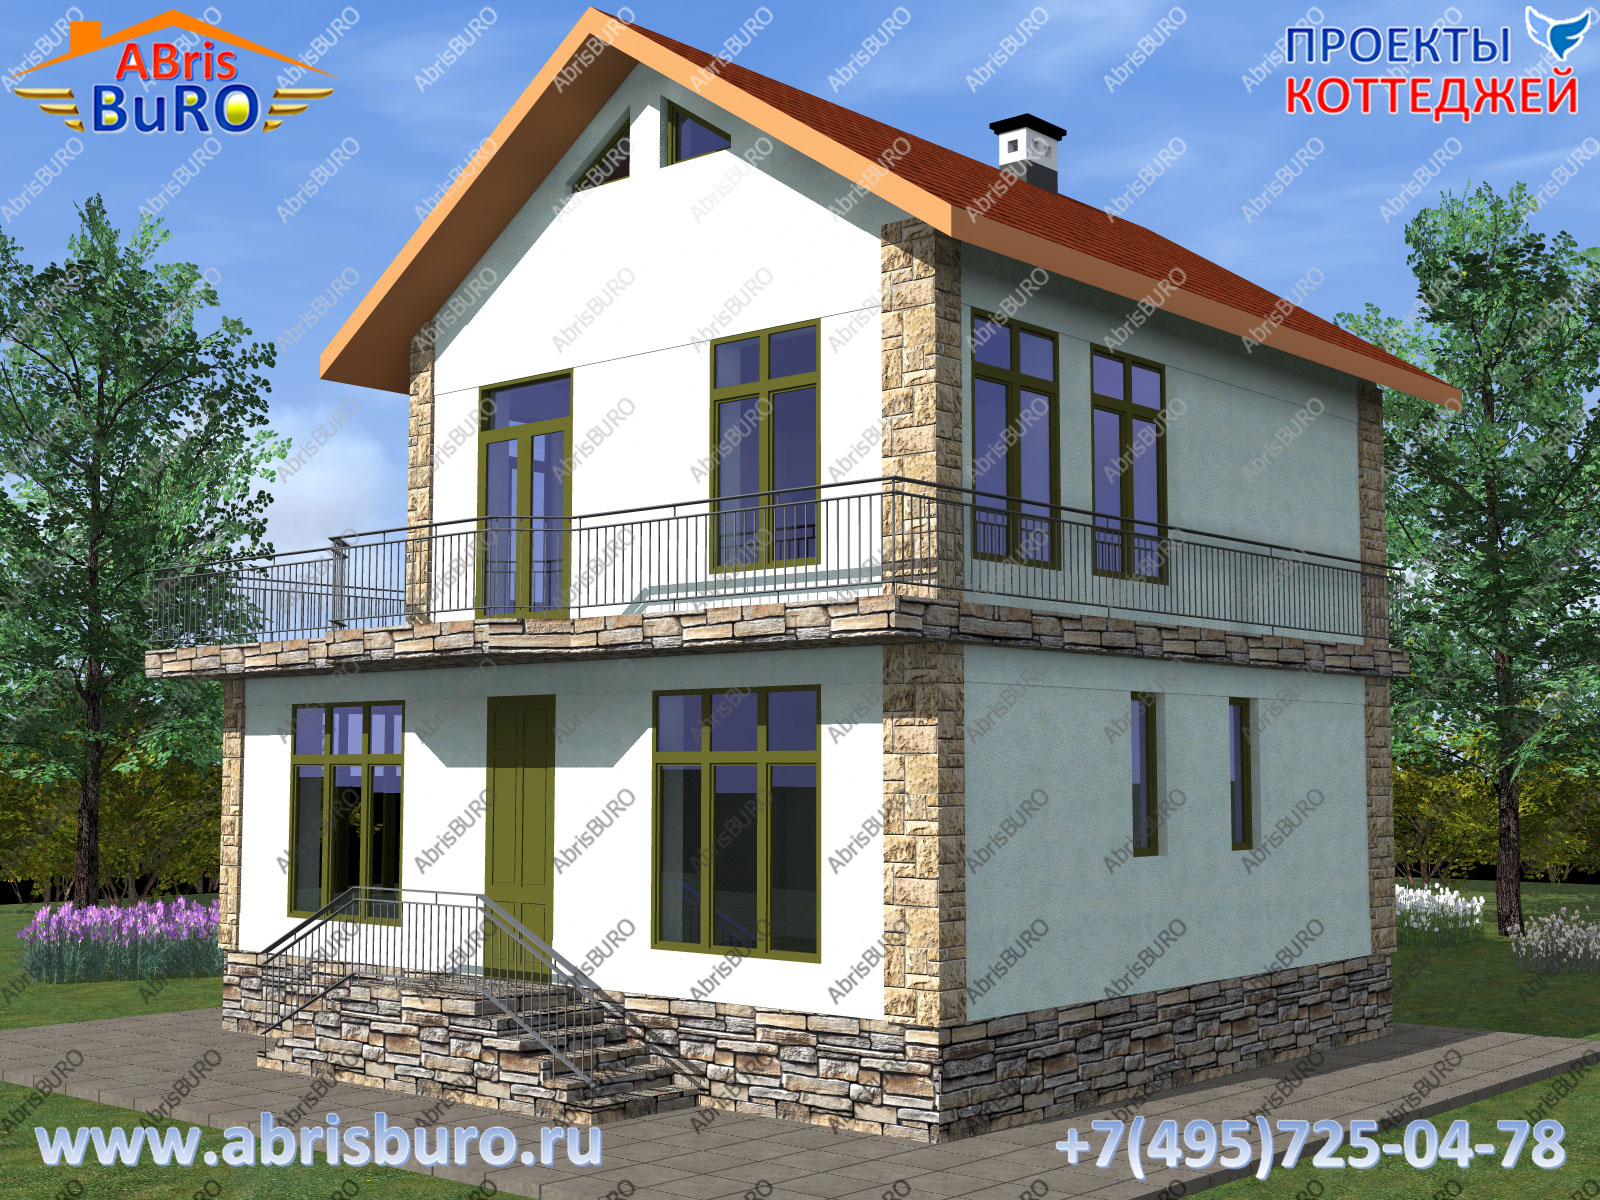 Проект двухэтажного дома K1158-138